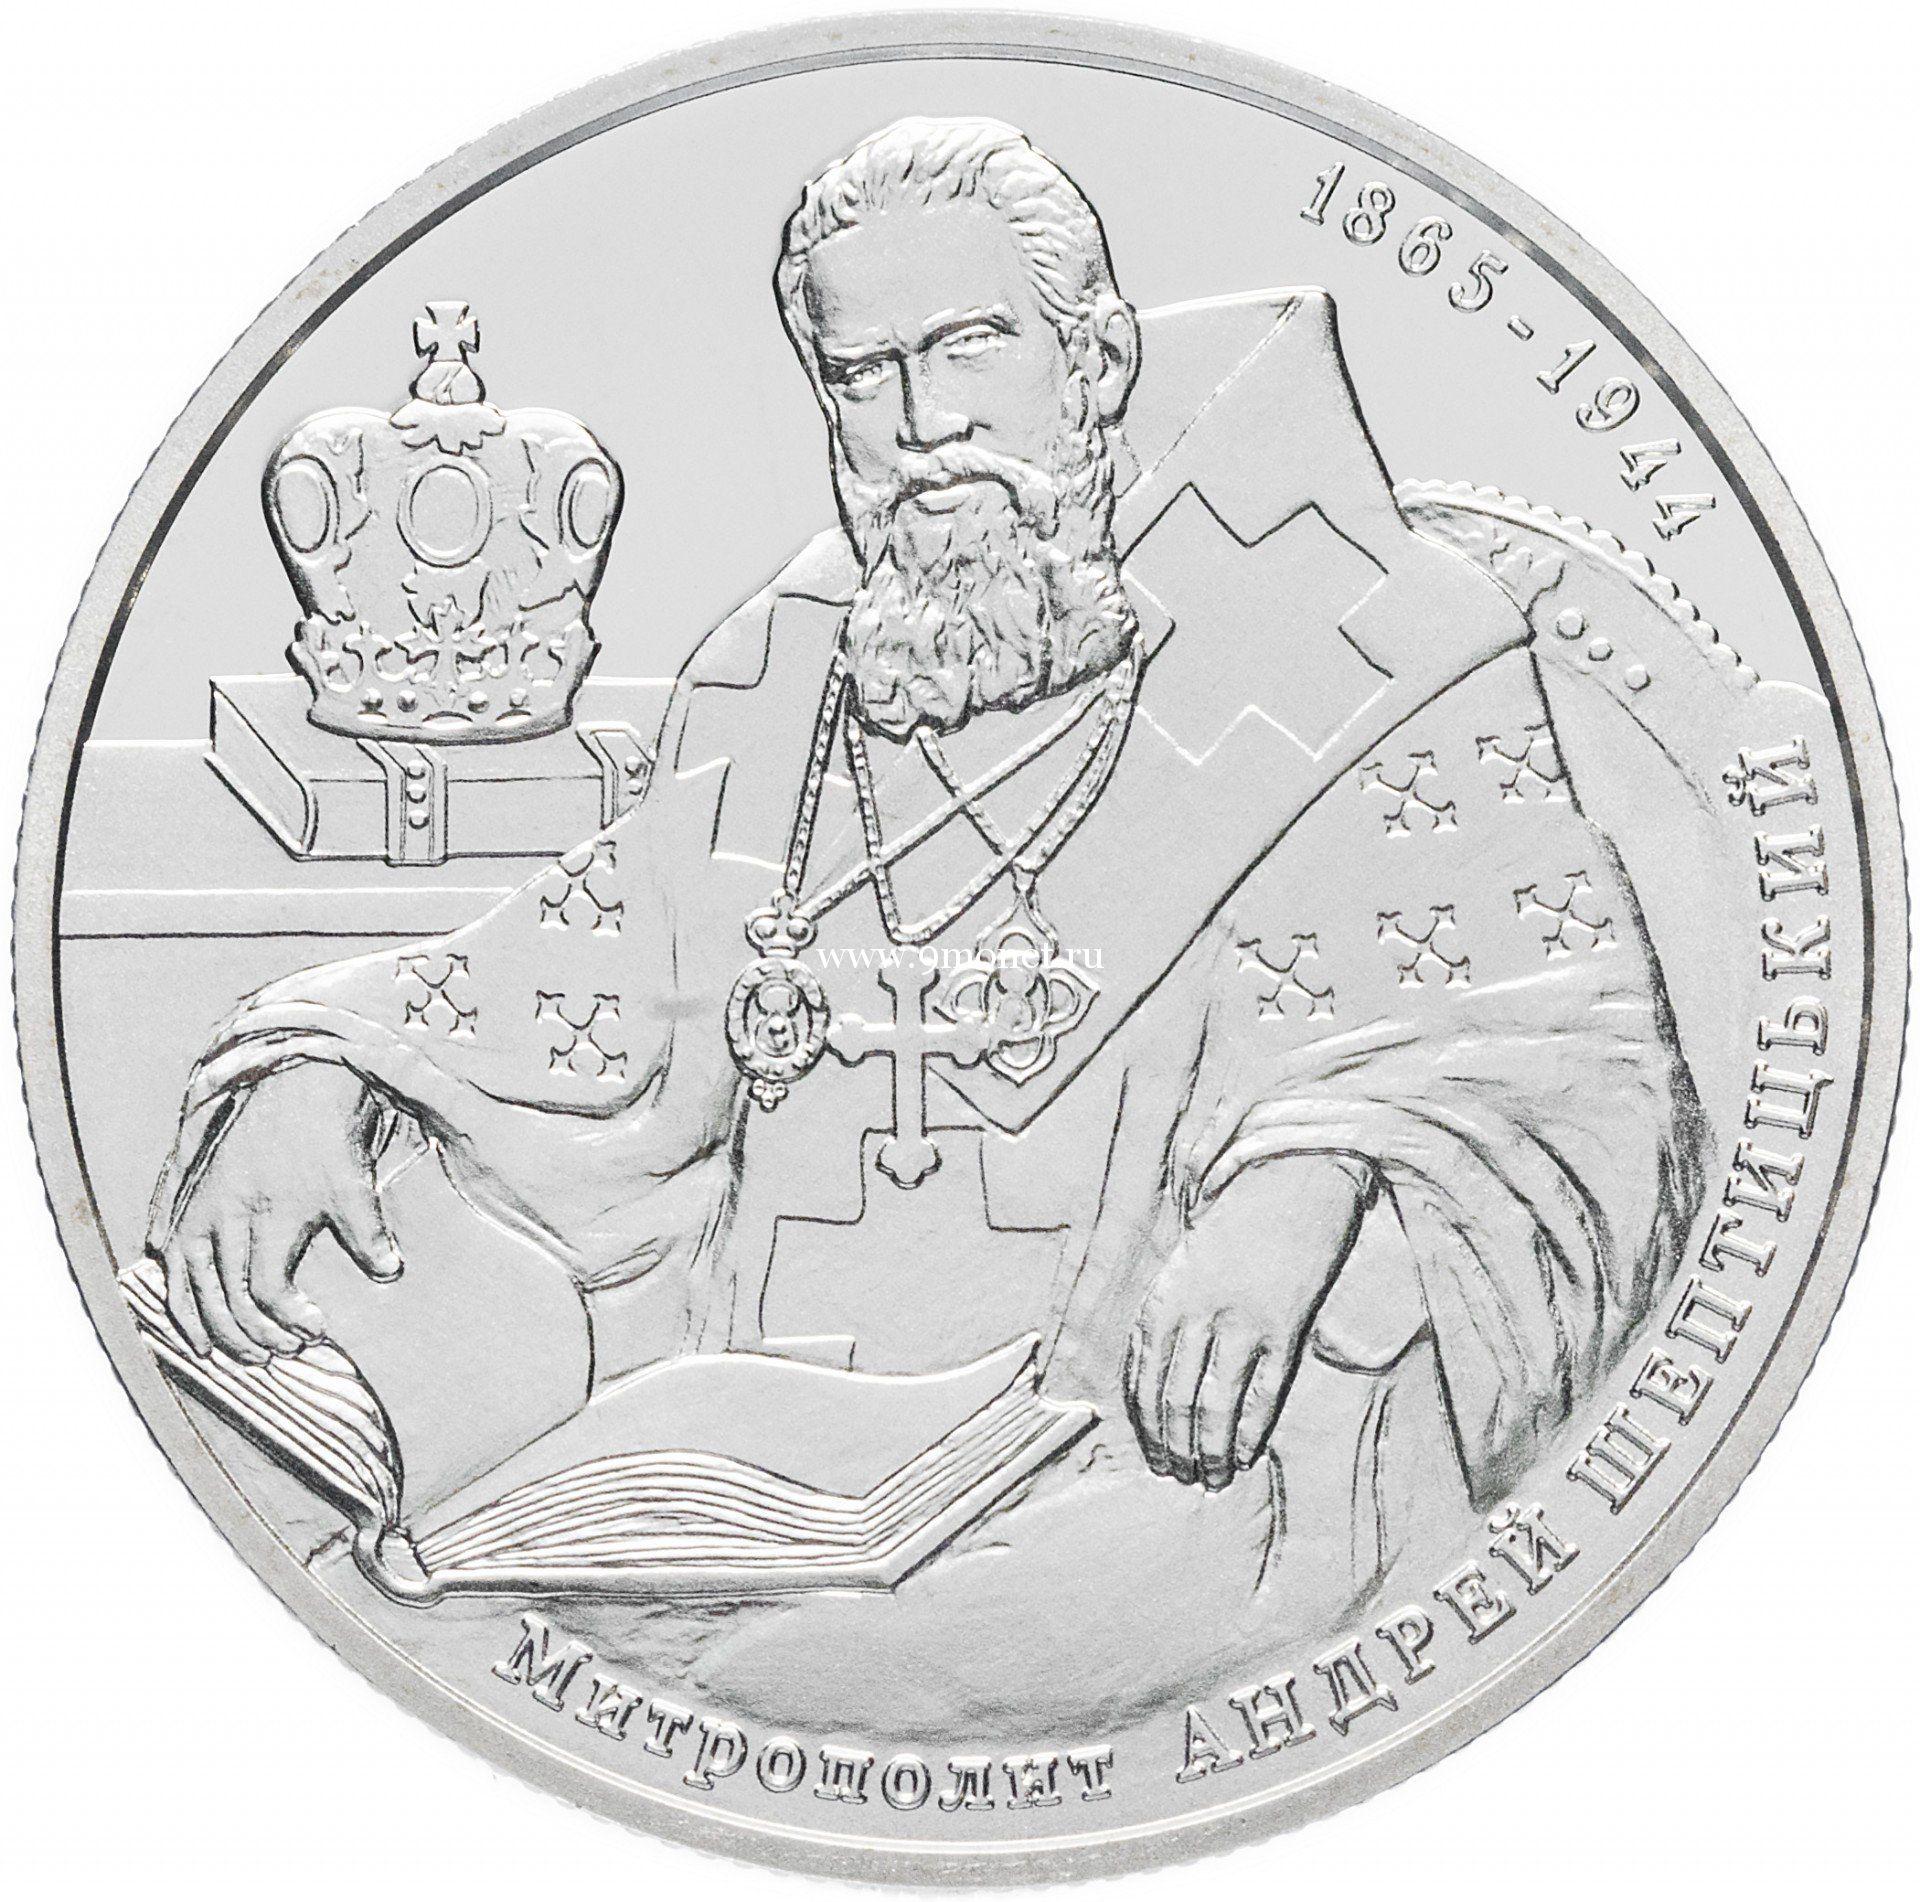 Украина монета 2 гривны 2015 года Митрополит Андрей Шептицкий.